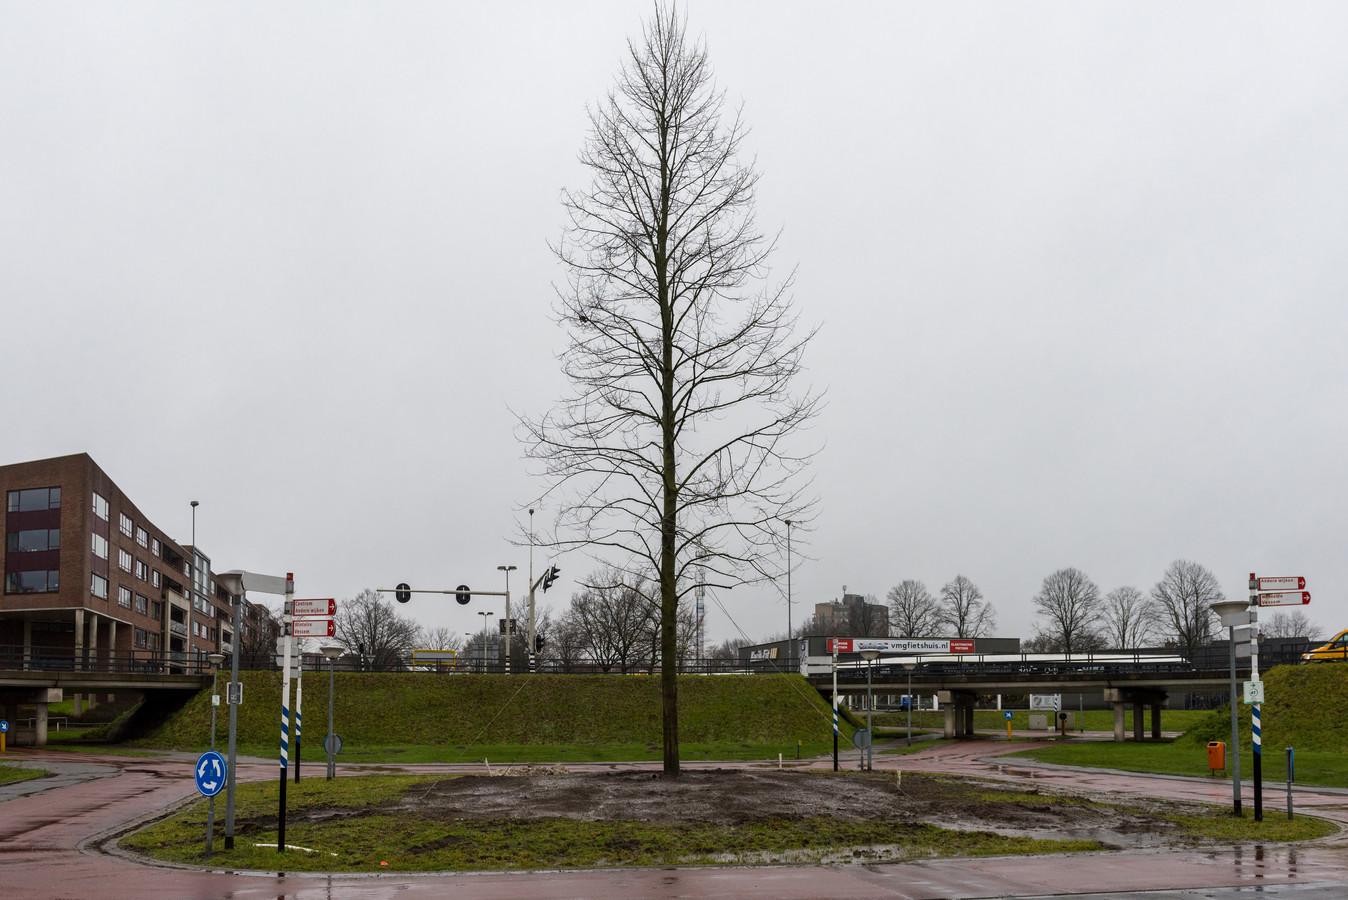 Eerder dit jaar werd al - in het midden van de rotonde aan de Smelen - een linde geplaatst ter ere van 100 jaar Veldhoven. De voorstelling in de Schalm gaat toch door, om het eeuwfeest op een andere manier te vieren.